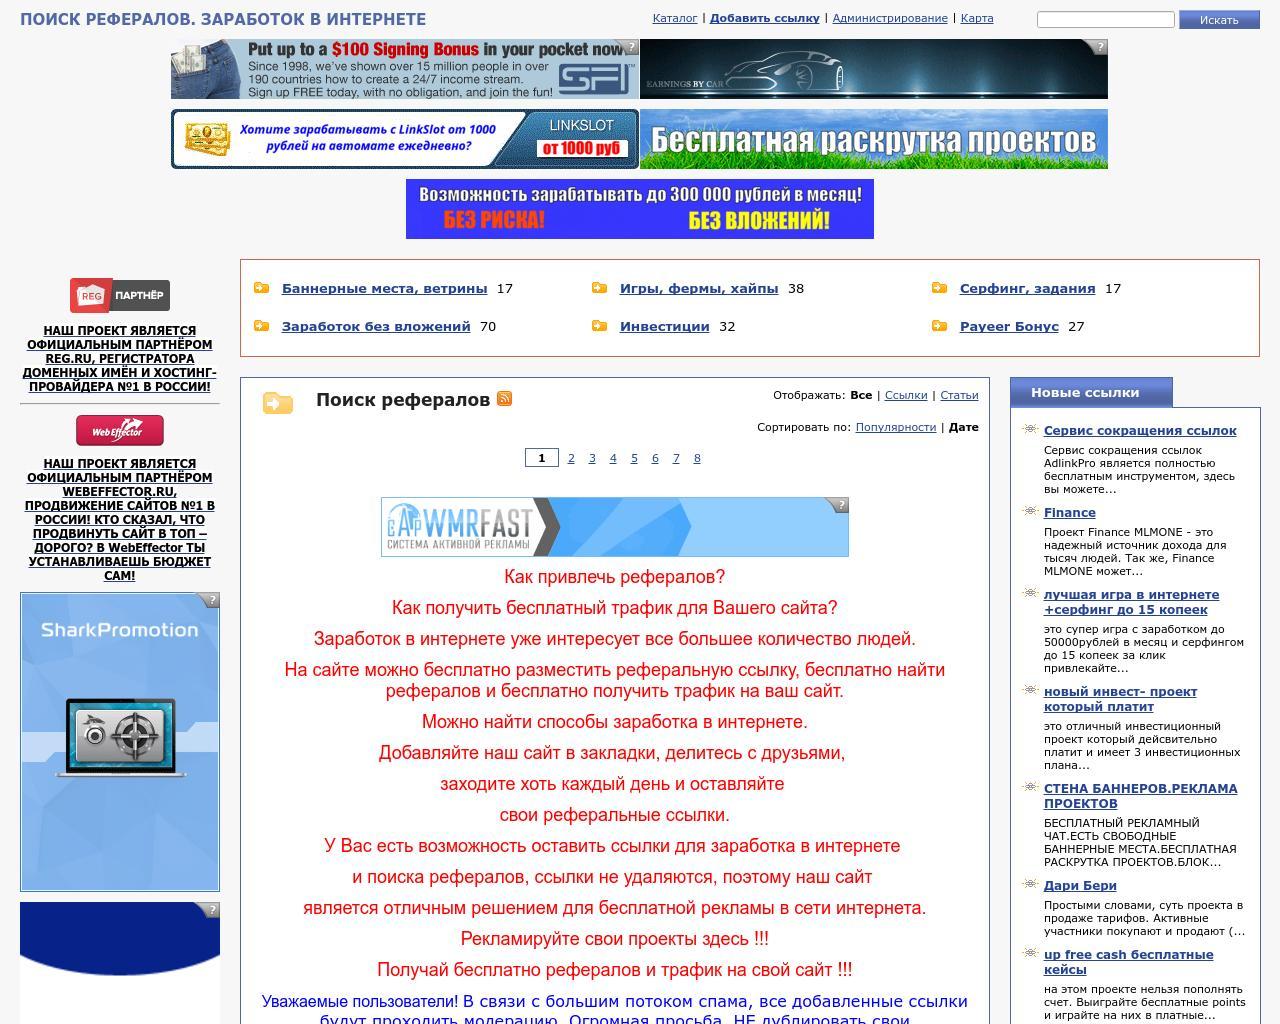 Сайт где можно привлечь рефералов